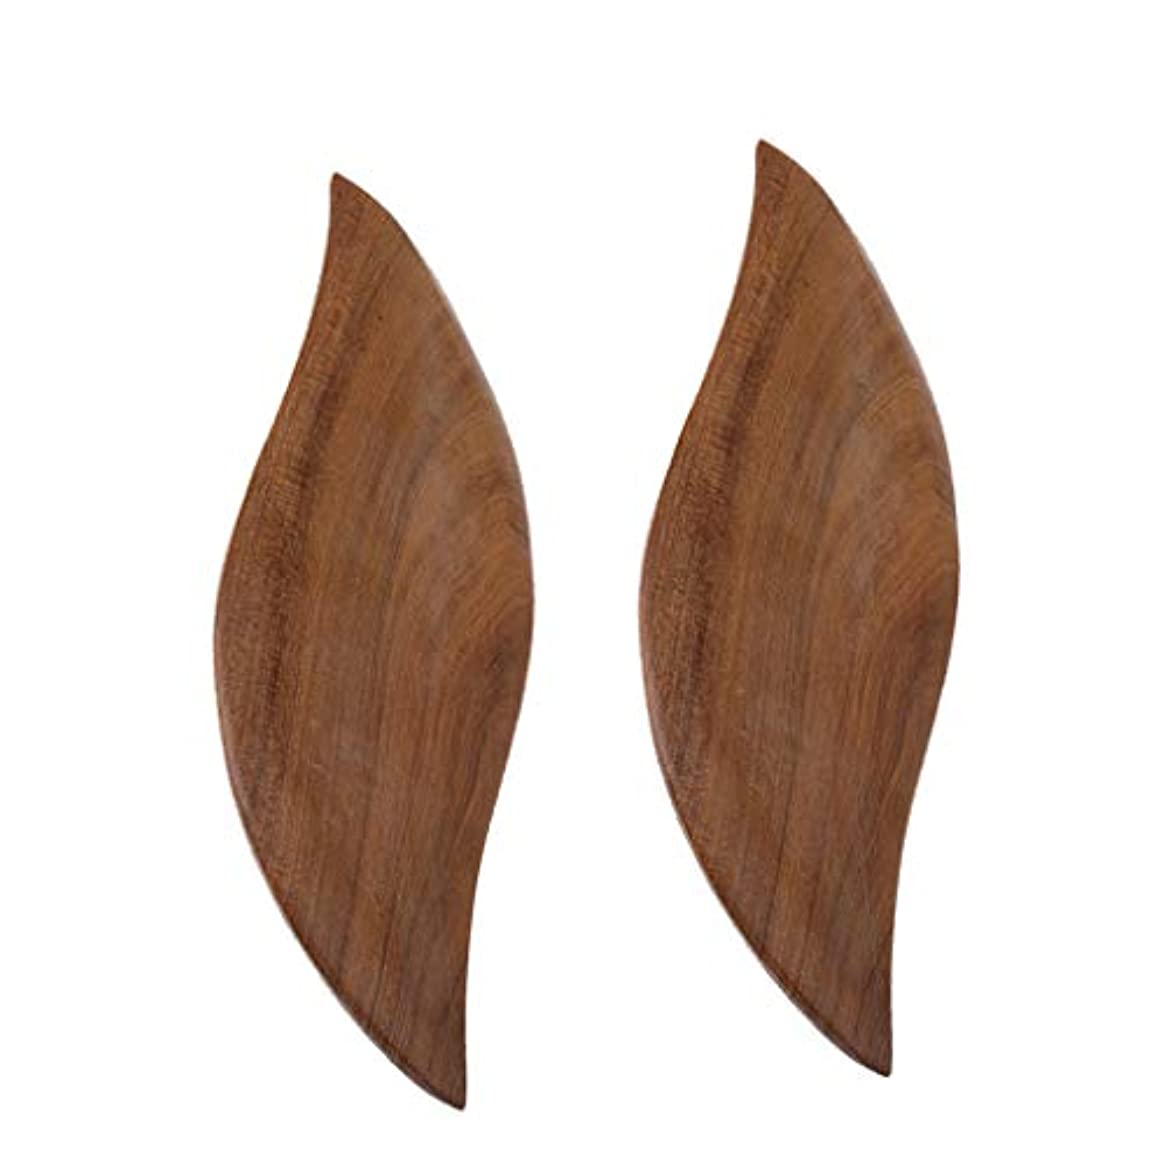 ミサイル致命的な訴える2枚 かっさプレート 木製 ボード ボディーケア 葉の形 便利